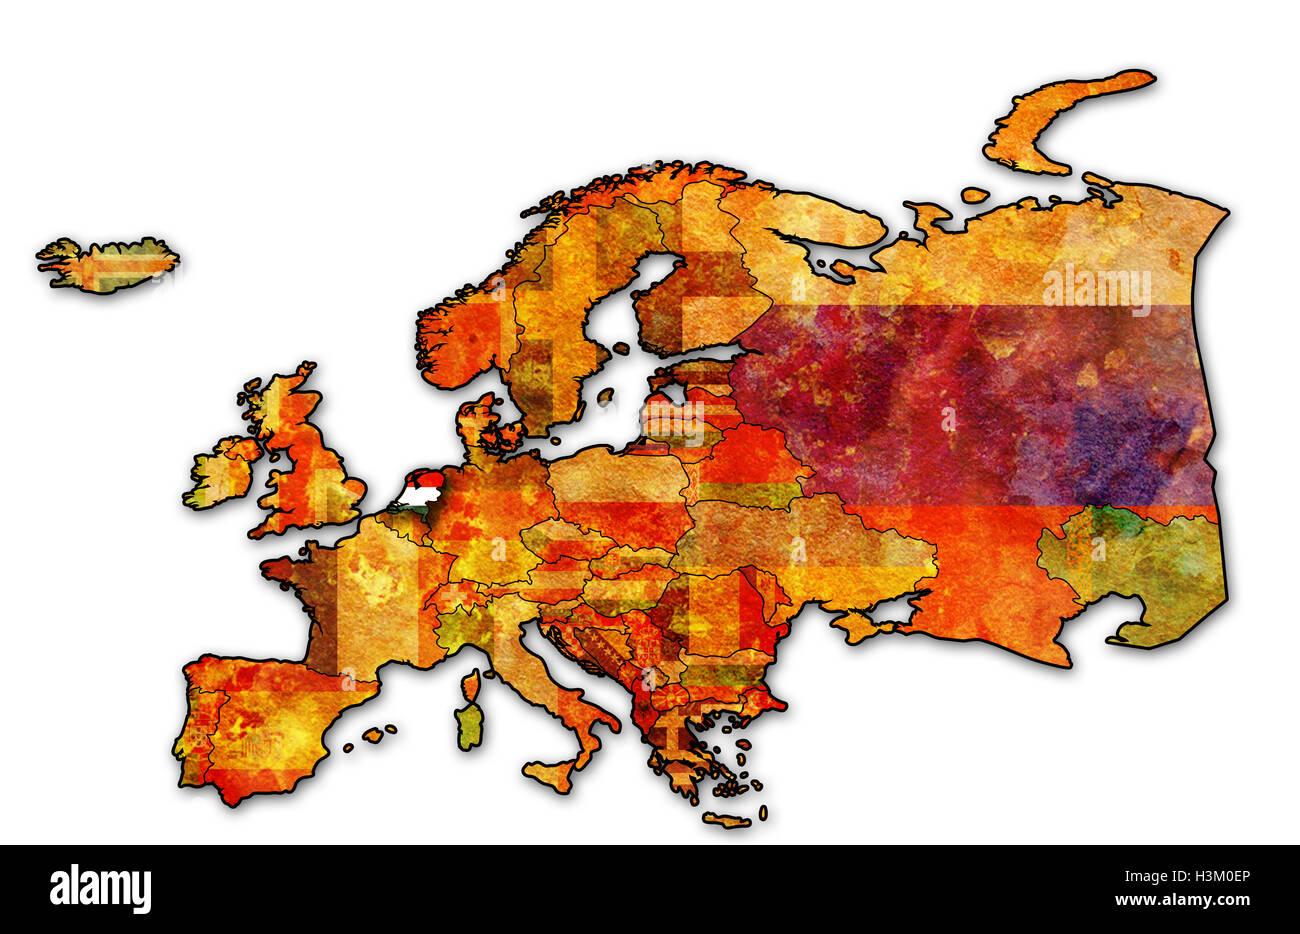 Carte Europe Pays Bas.Quelques Vieux Grunge Carte Des Pays Bas Avec Drapeau Sur La Carte